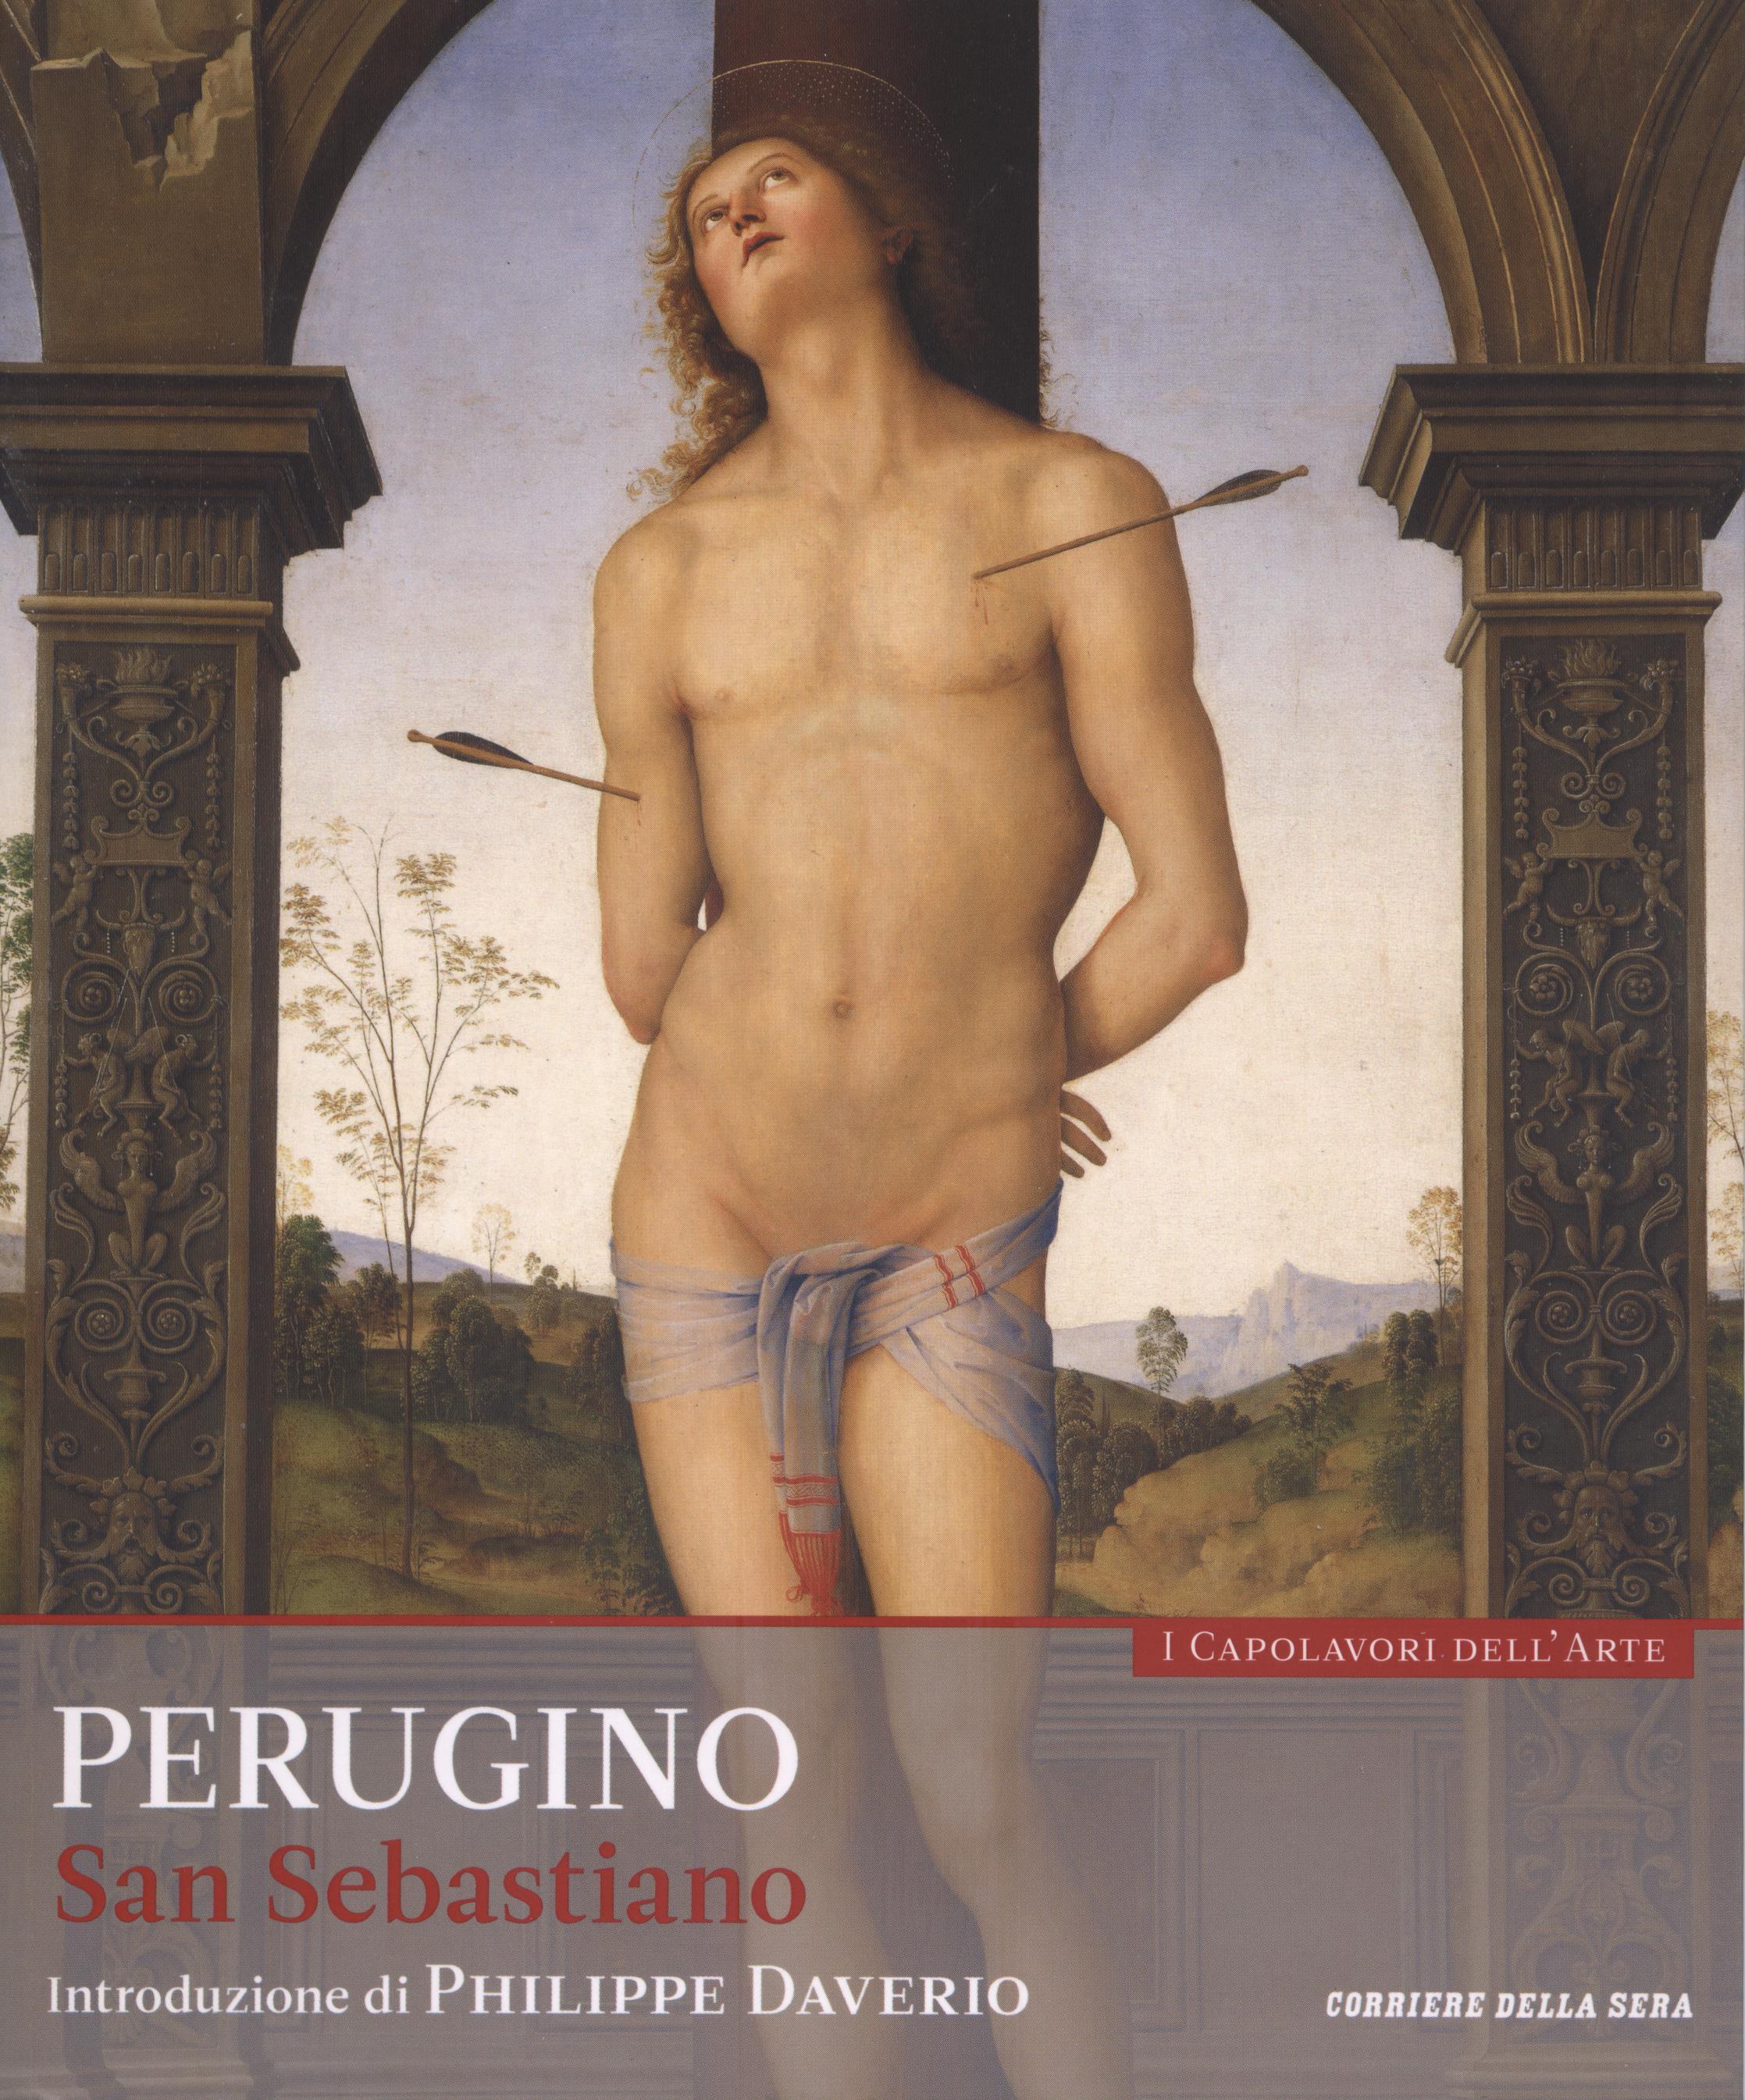 Perugino - San Sebastiano